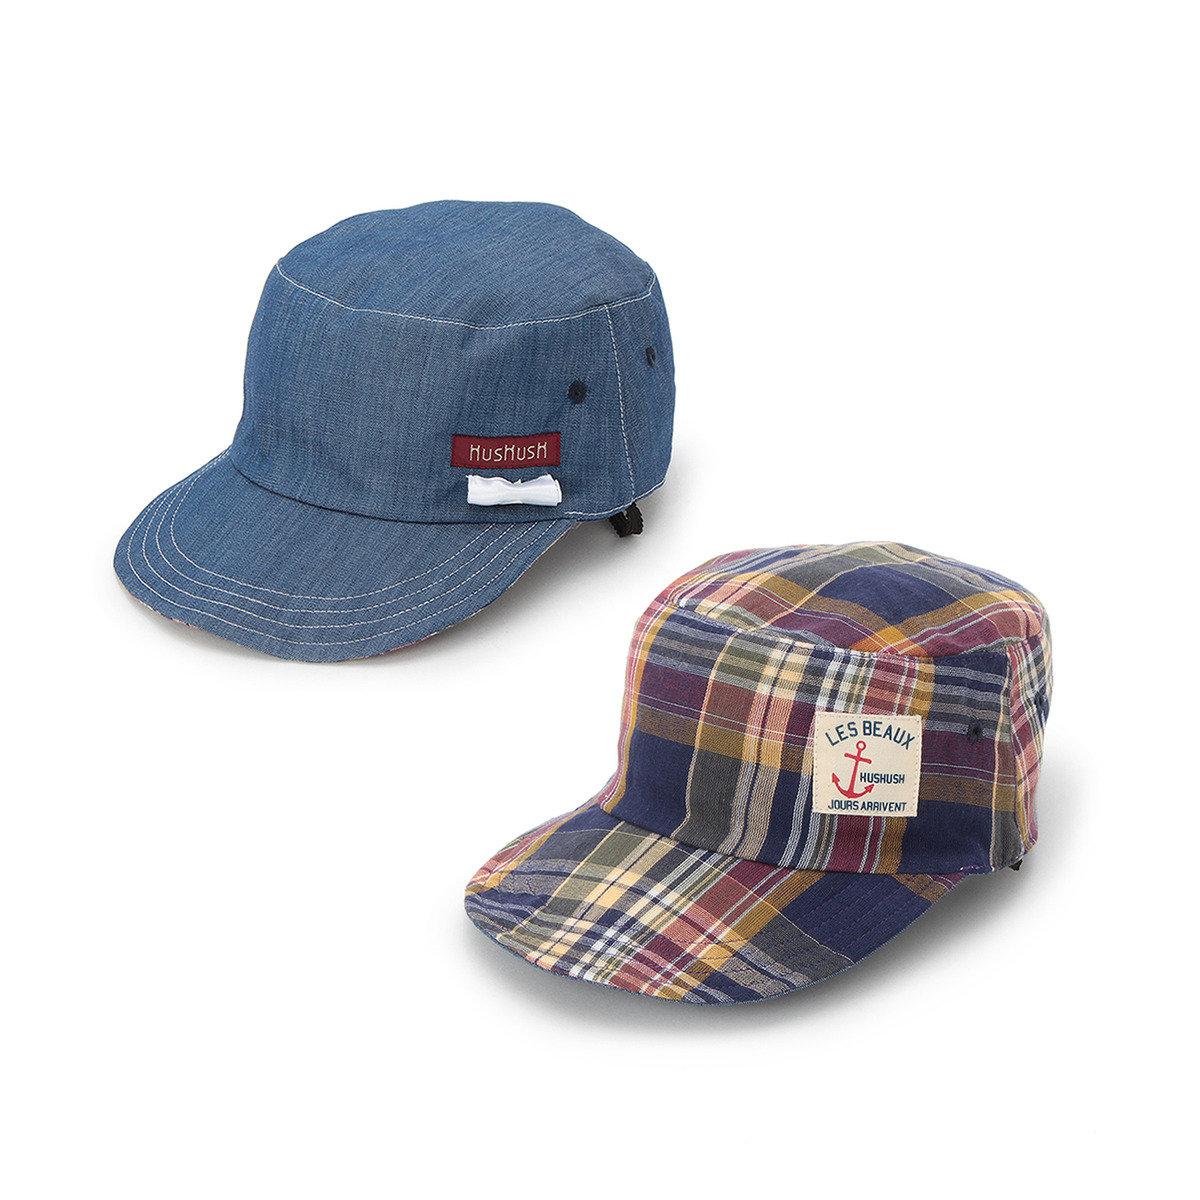 混棉雙面Cap帽